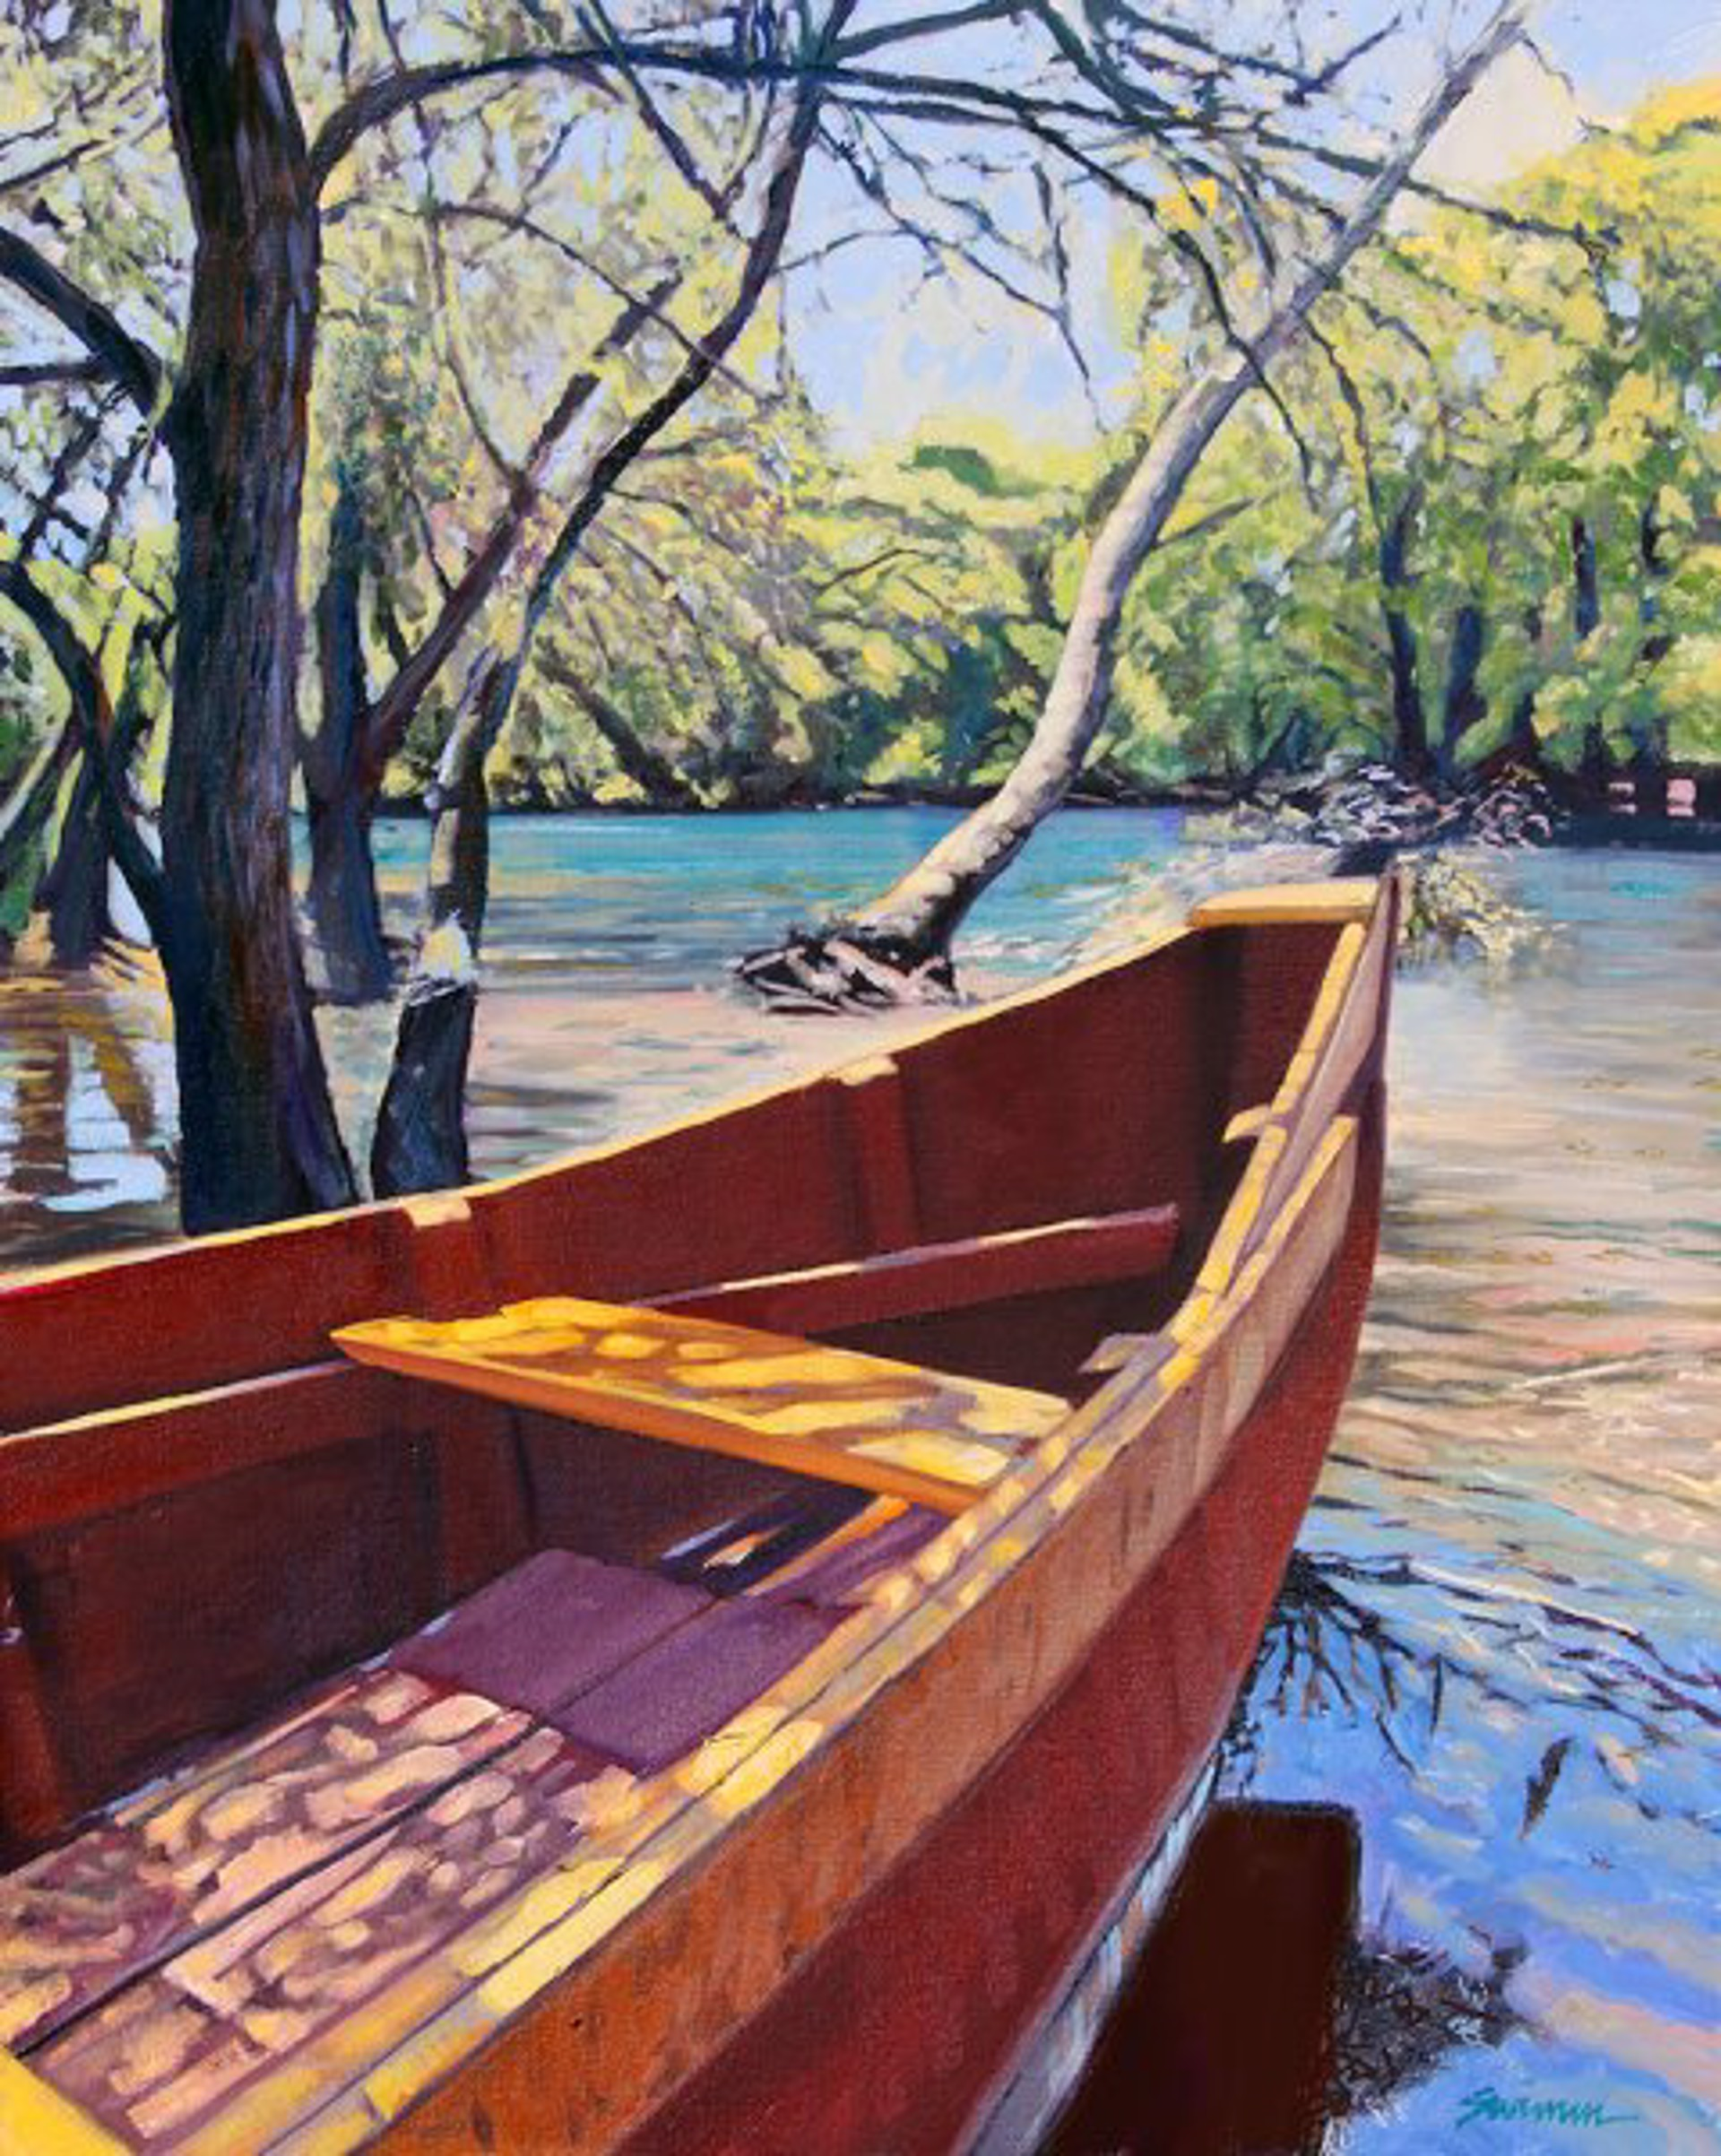 Swimm: On The Bayou by Tom Swimm